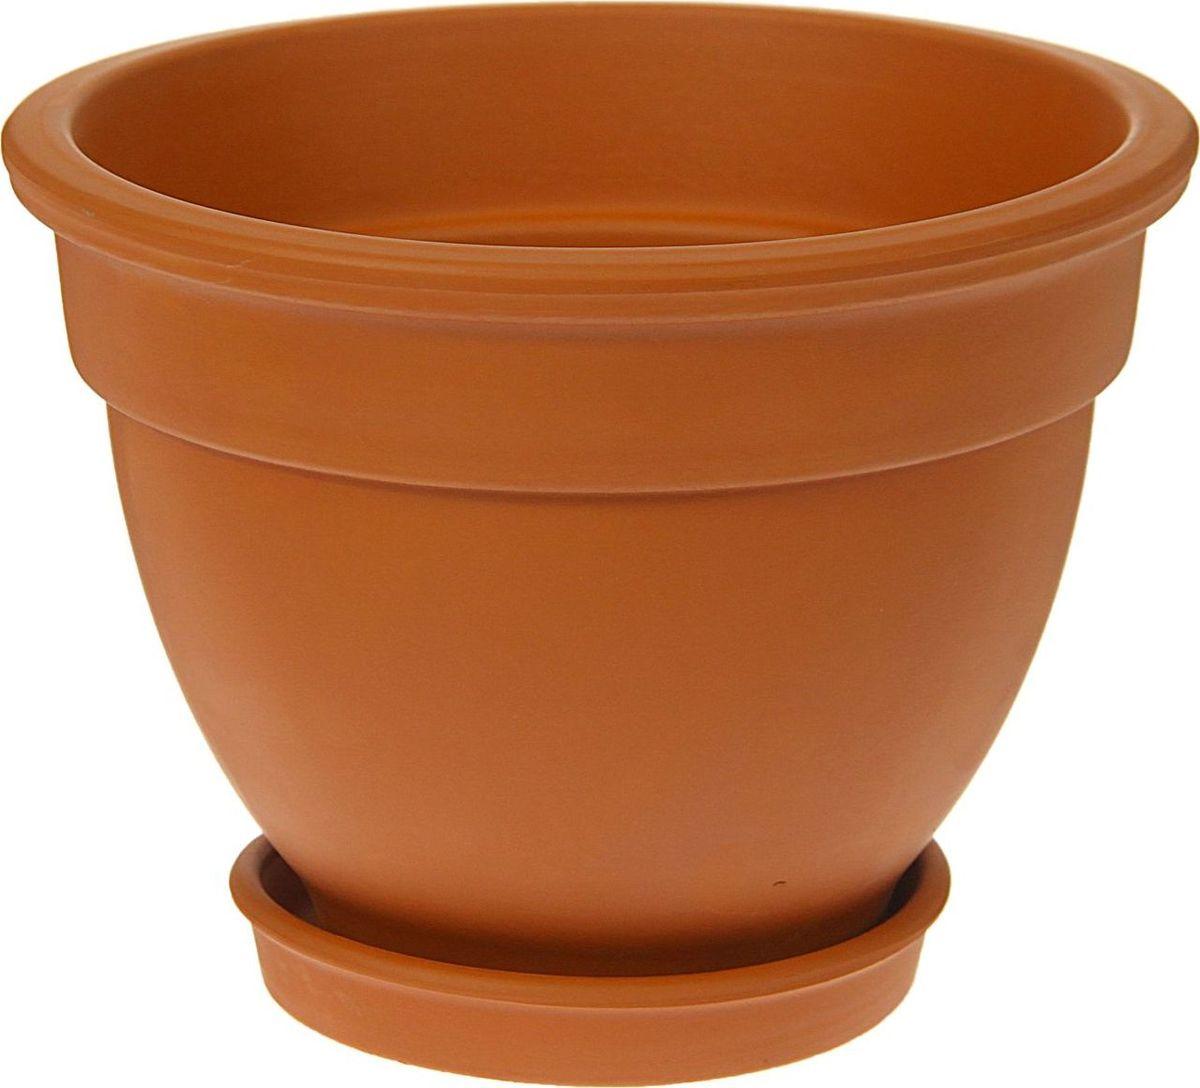 Кашпо Керамика ручной работы Кампана, цвет: коричневый, 2 л1354674Комнатные растения — всеобщие любимцы. Они радуют глаз, насыщают помещение кислородом и украшают пространство. Каждому из них необходим свой удобный и красивый дом. Кашпо из керамики прекрасно подходят для высадки растений: за счёт пластичности глины и разных способов обработки существует великое множество форм и дизайновпористый материал позволяет испаряться лишней влагевоздух, необходимый для дыхания корней, проникает сквозь керамические стенки! #name# позаботится о зелёном питомце, освежит интерьер и подчеркнёт его стиль.